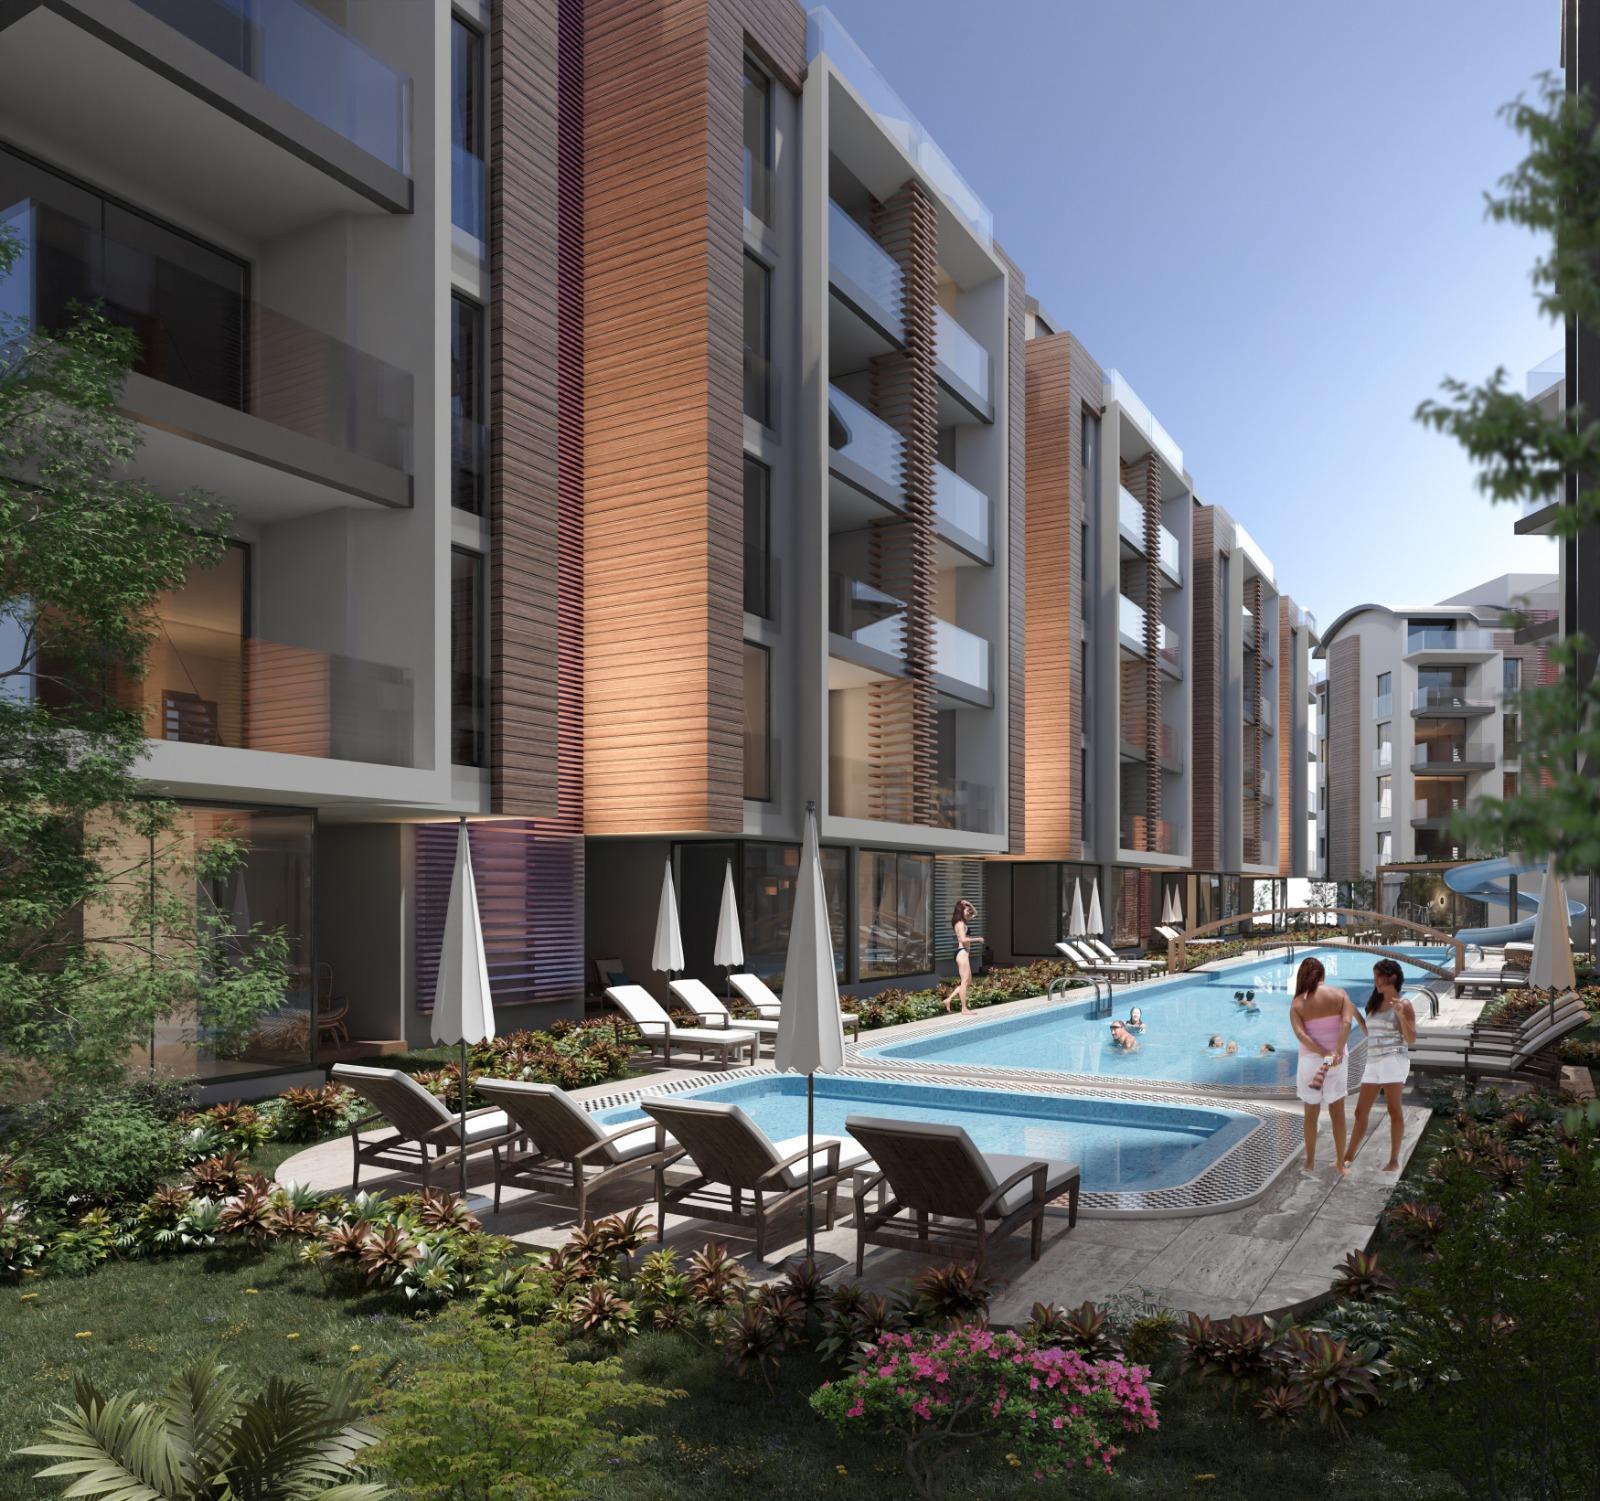 МАСШТАБНЫЙ ПРОЕКТ жилого комплекса люкс класса с богатой инфраструктурой